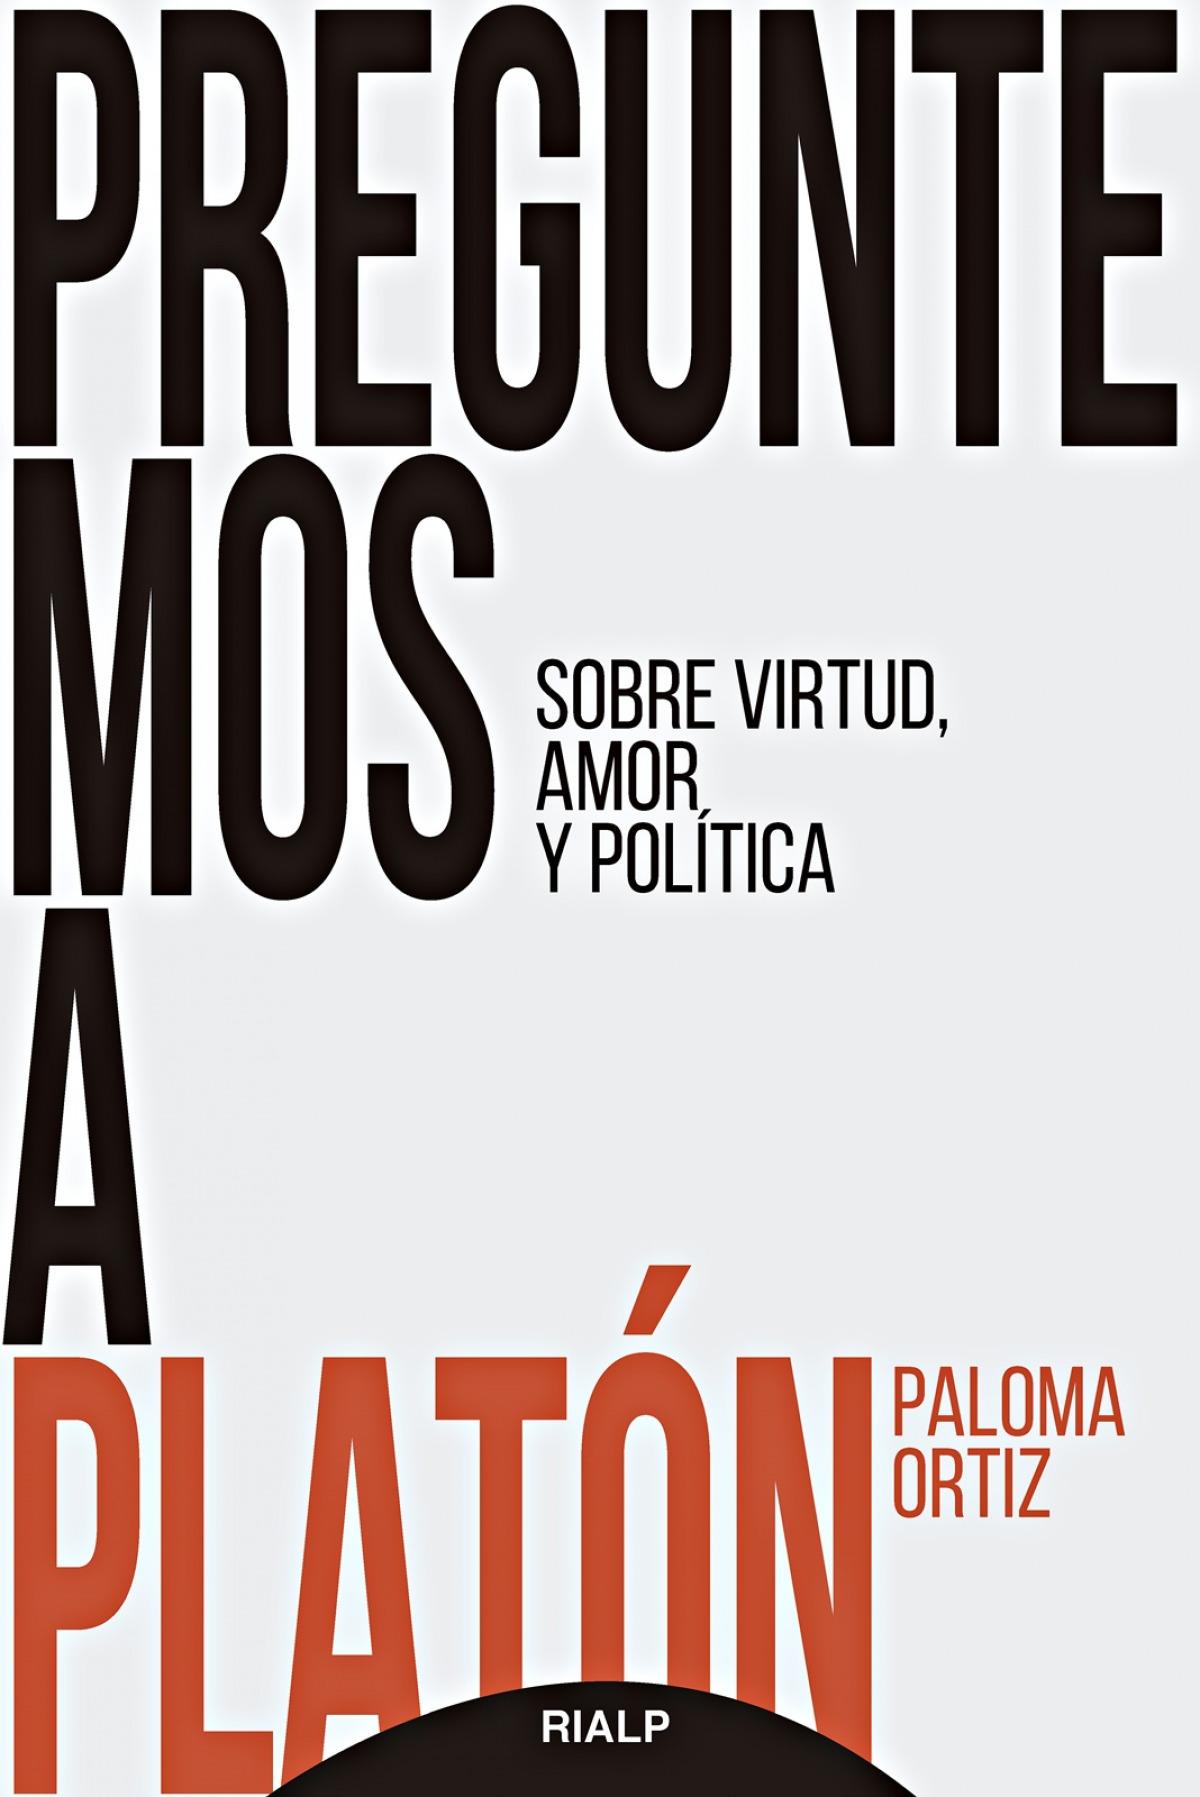 Preguntemos a Platón